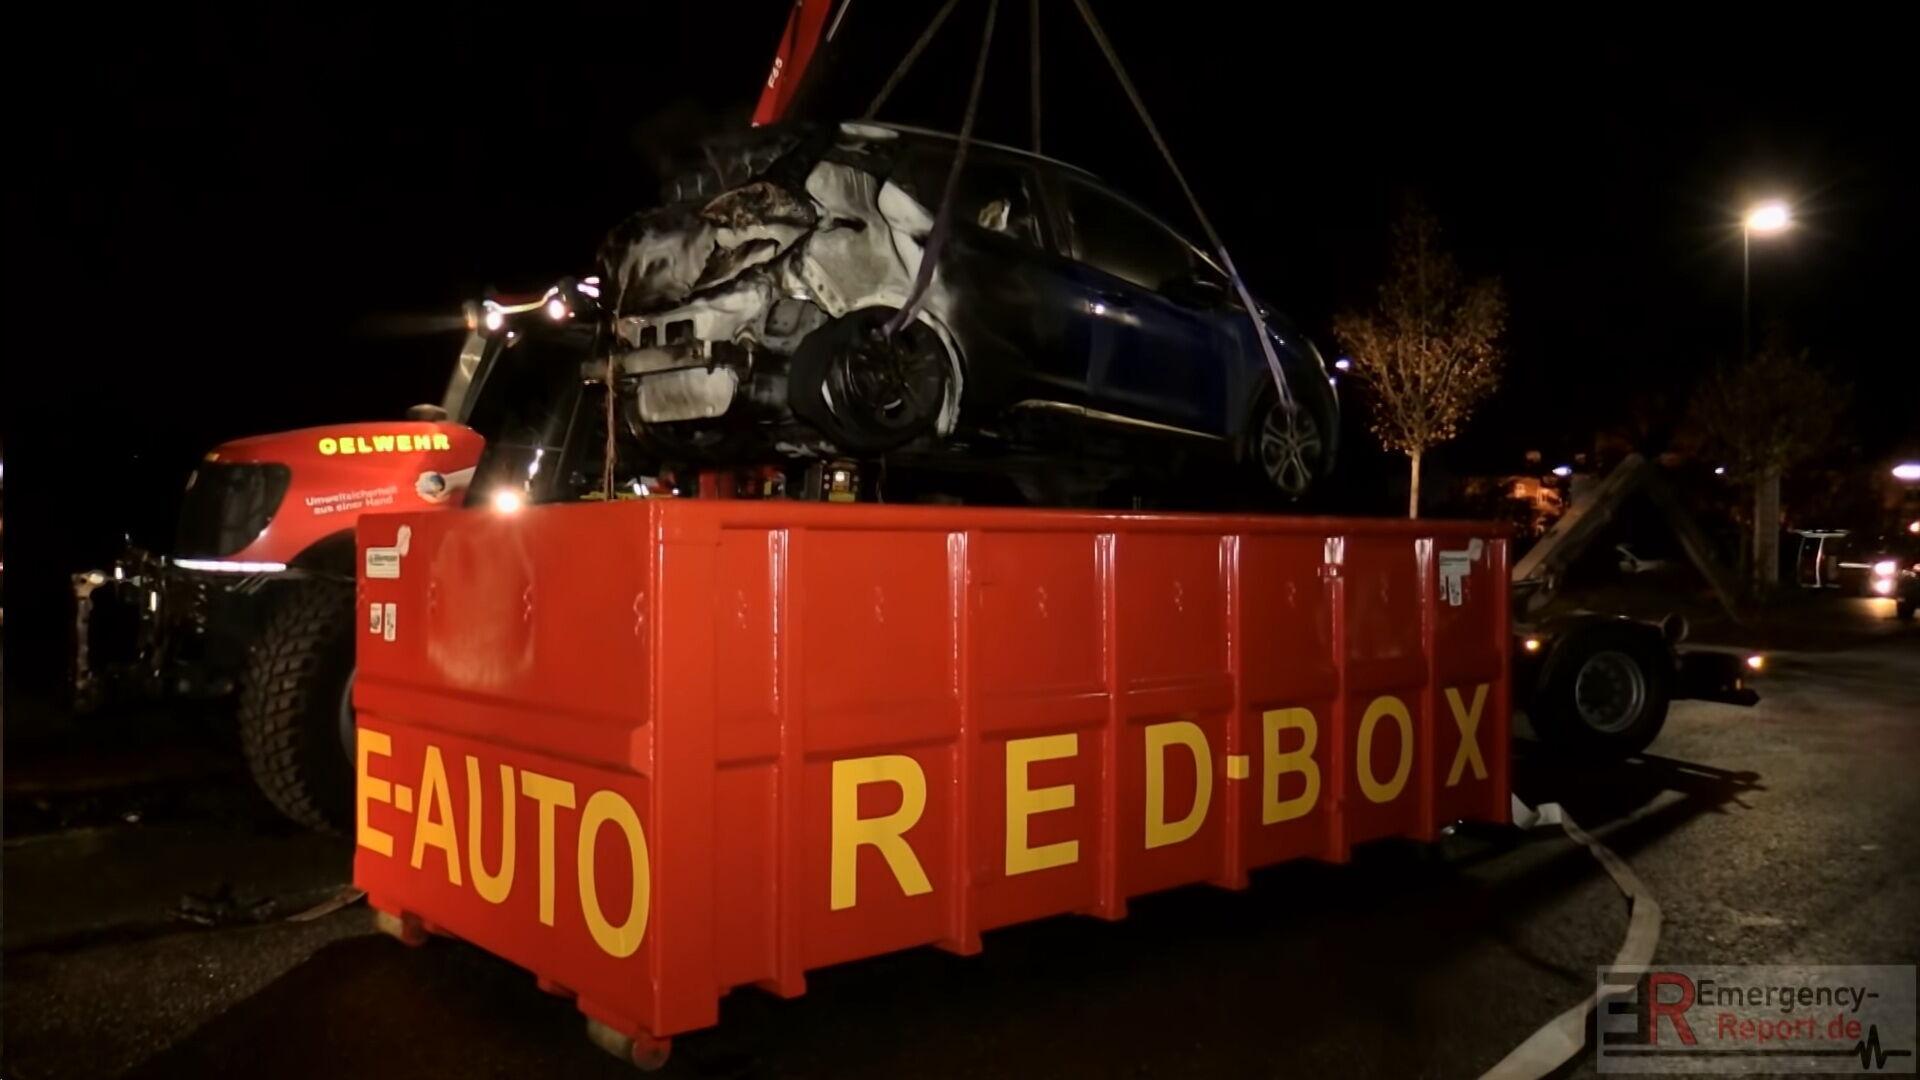 Для предотвращения повторного возгорания пожарные переместили электромобиль в специальный контейнер